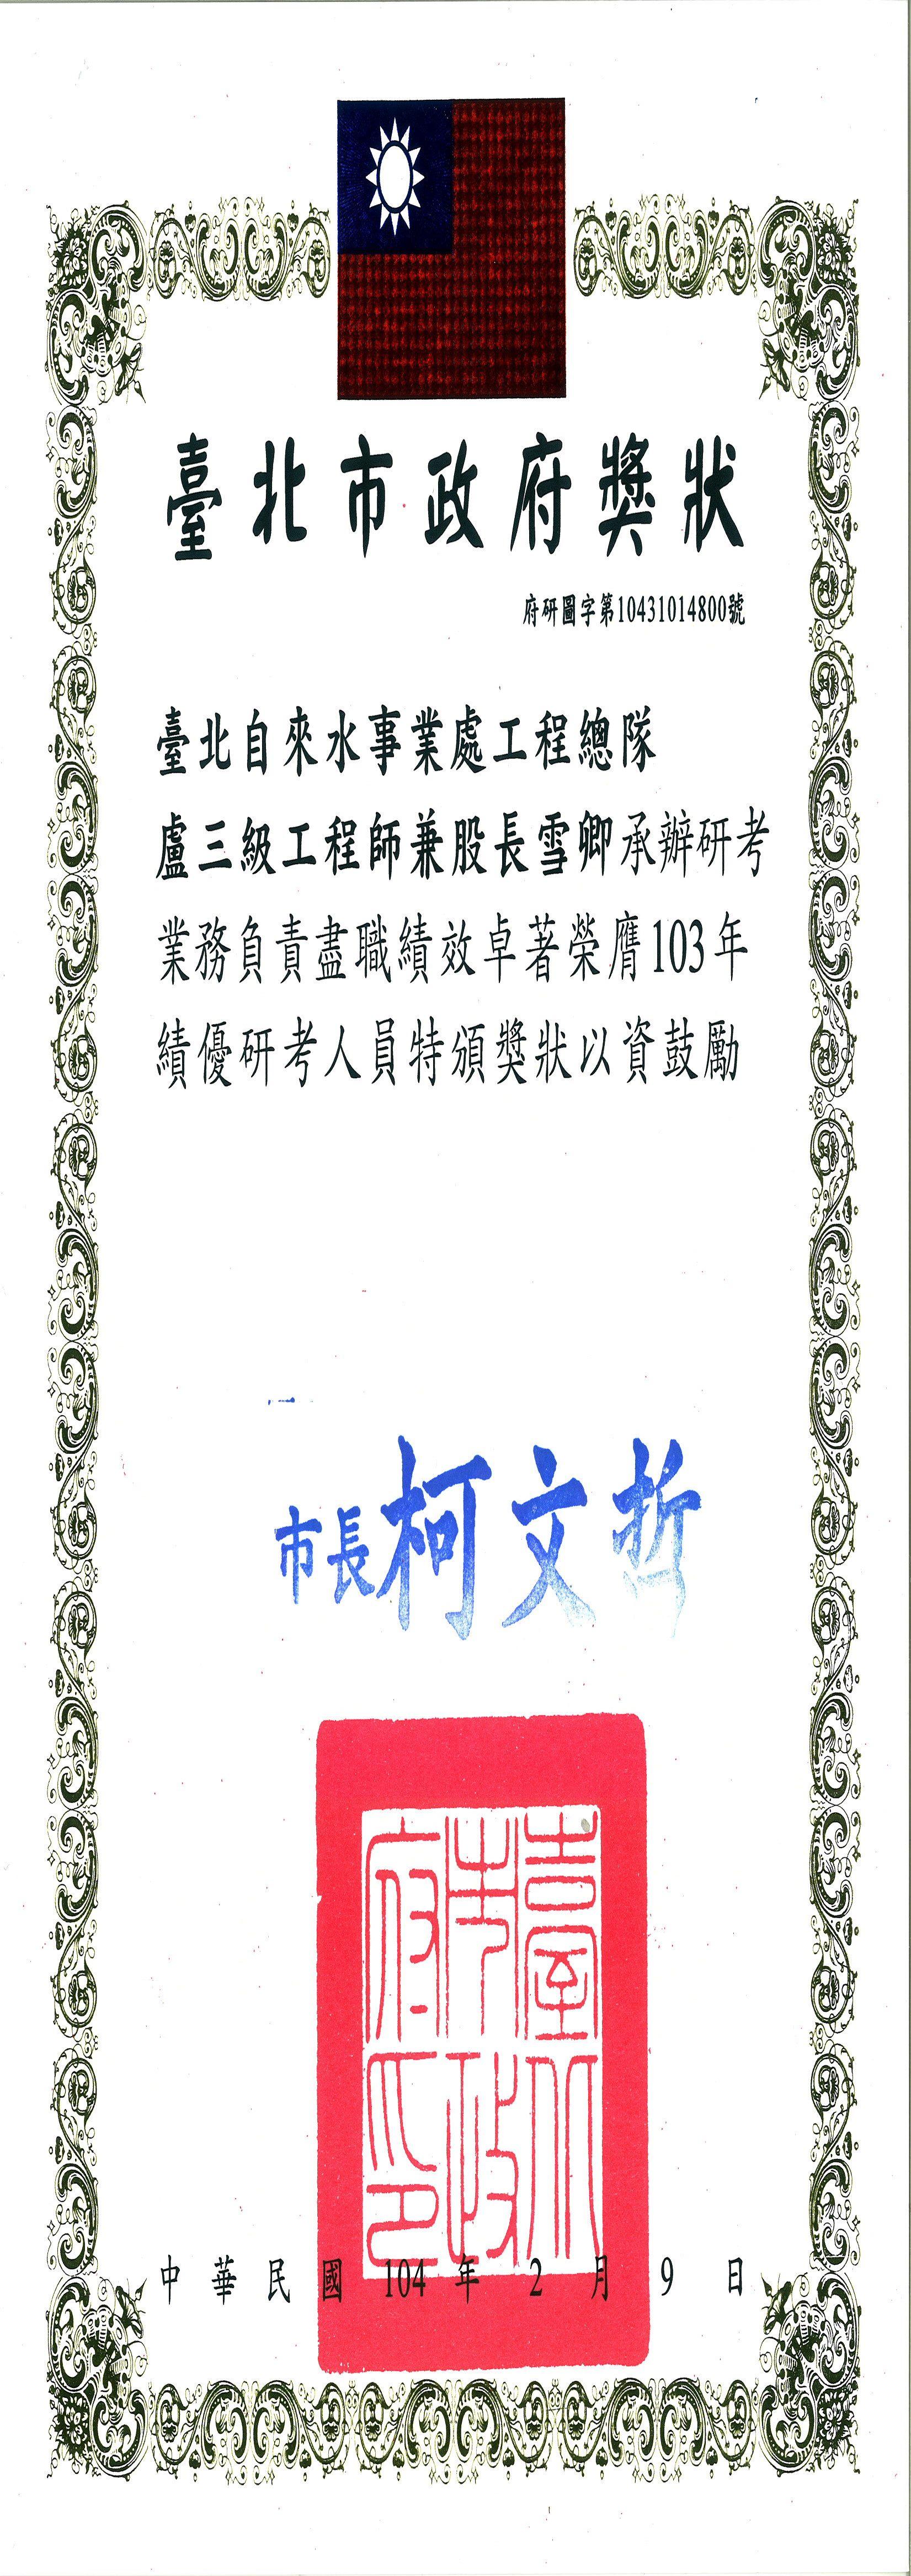 本總隊盧三級工程師兼股長雪卿榮獲103年績優研考人員獎狀